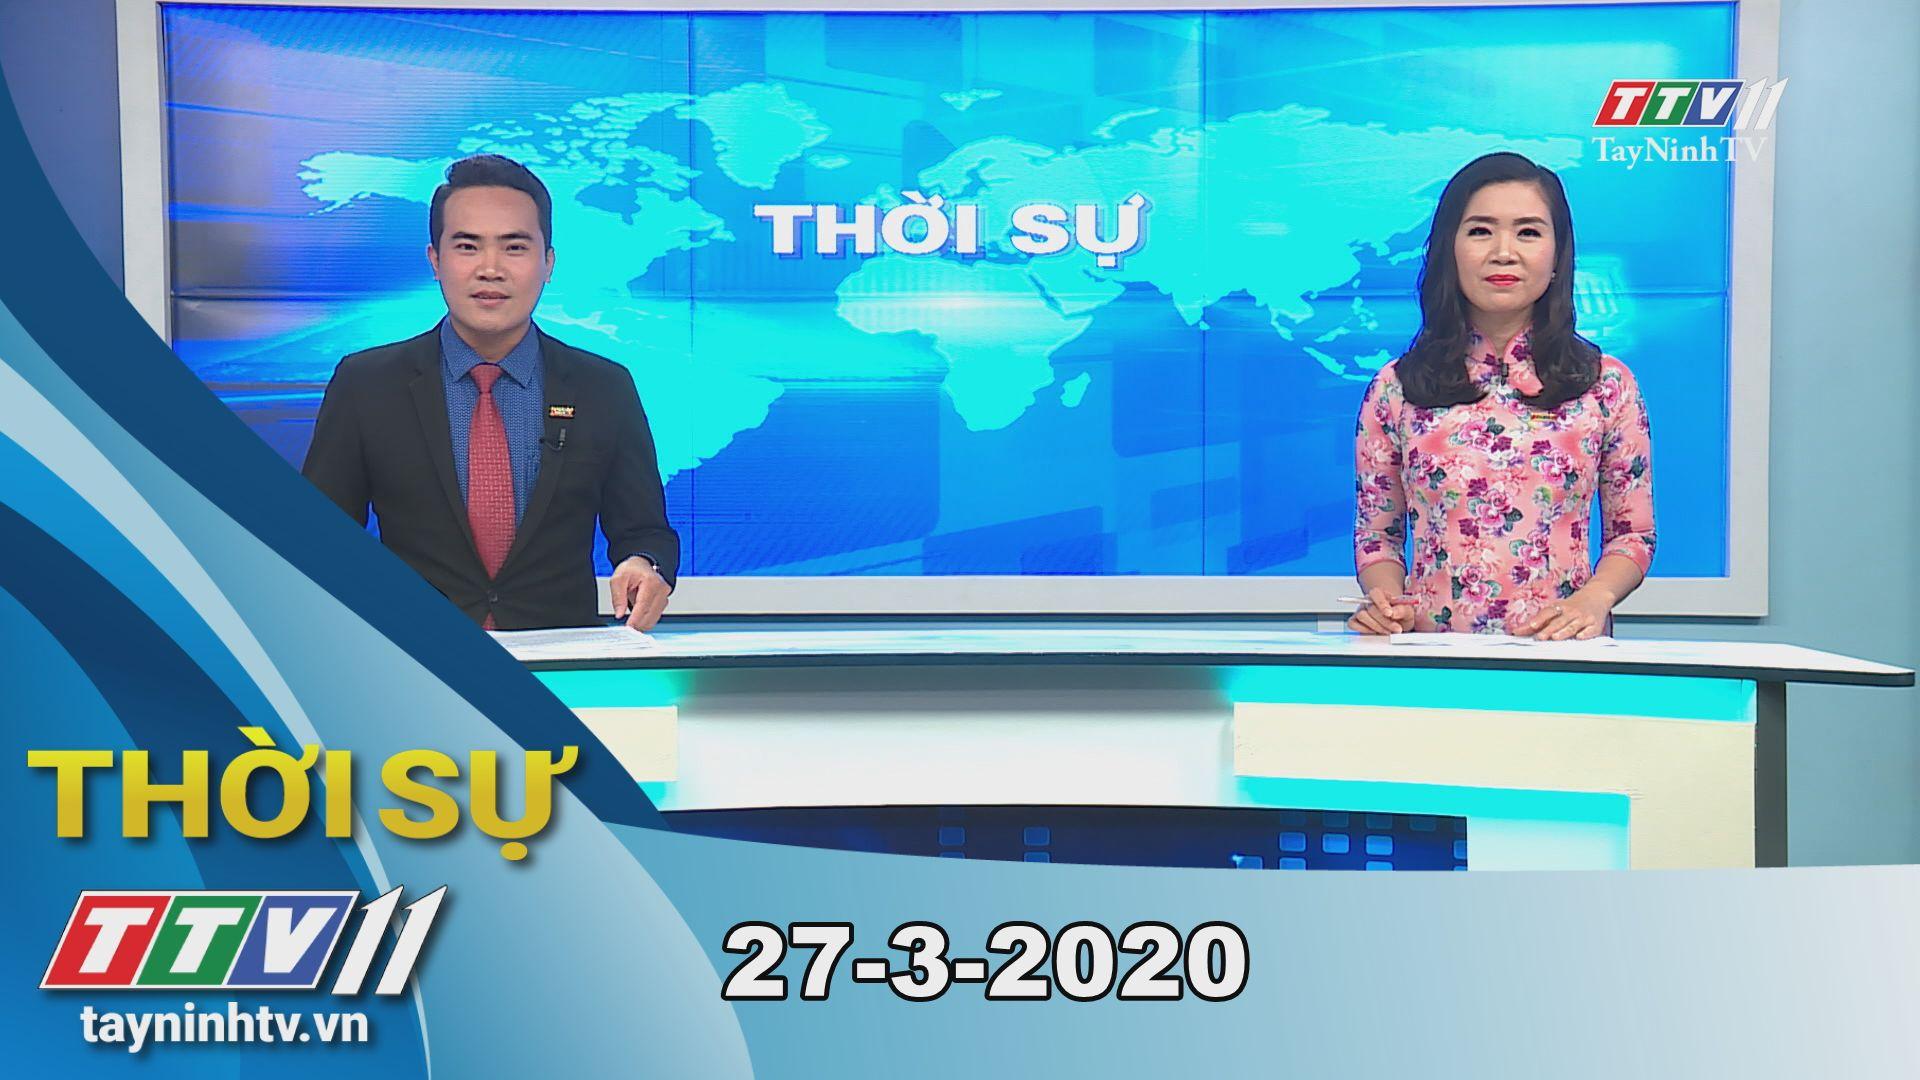 Thời sự Tây Ninh 27-3-2020 | Tin tức hôm nay | TayNinhTV